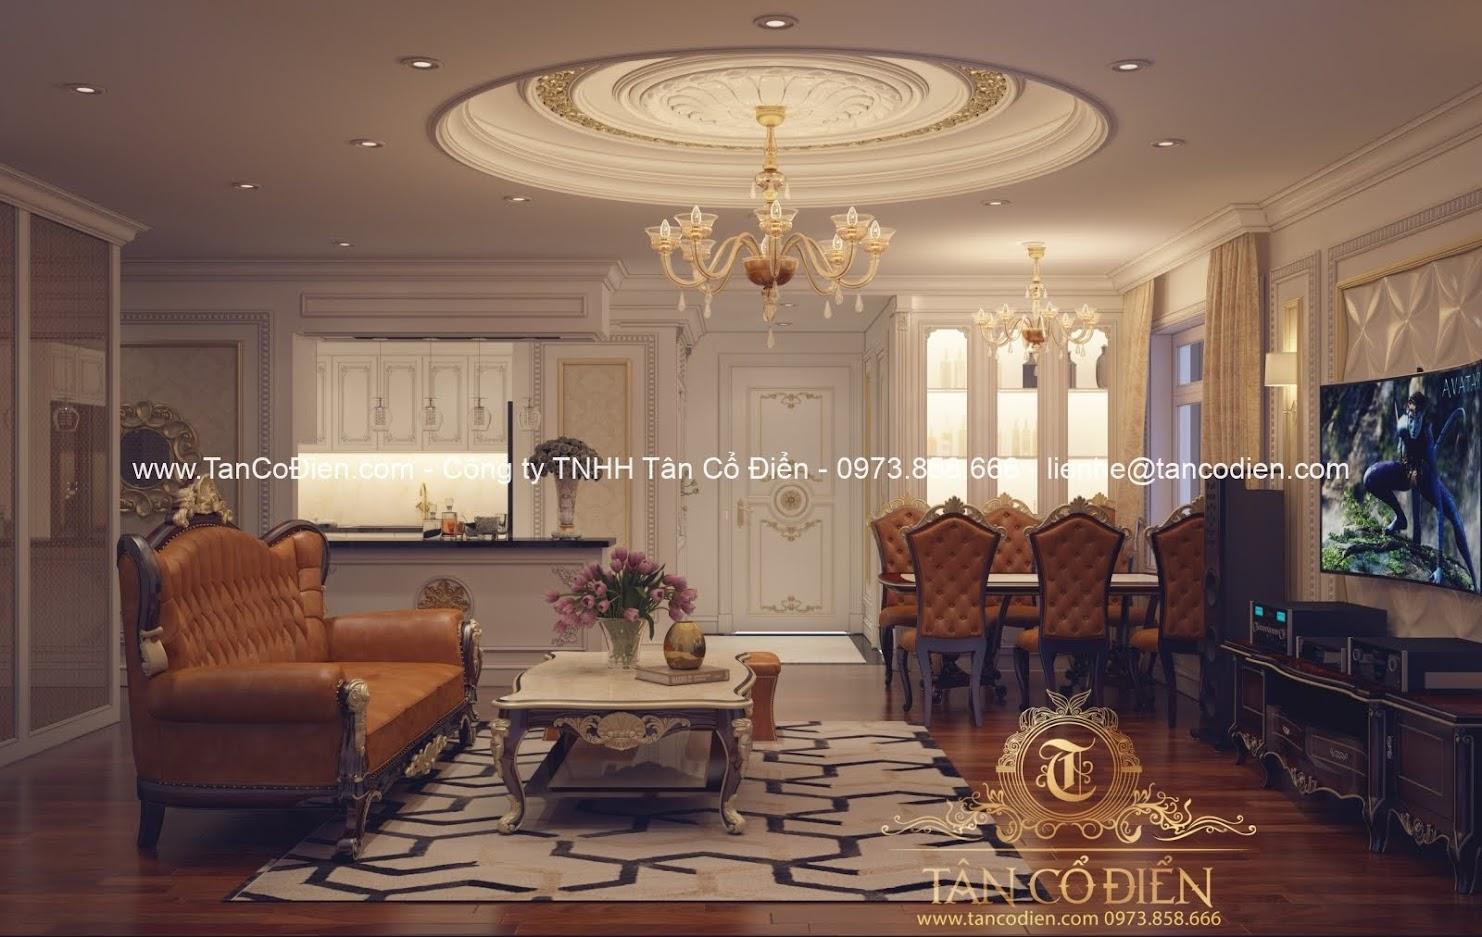 Thiết kế phòng khách biệt thự cổ điển